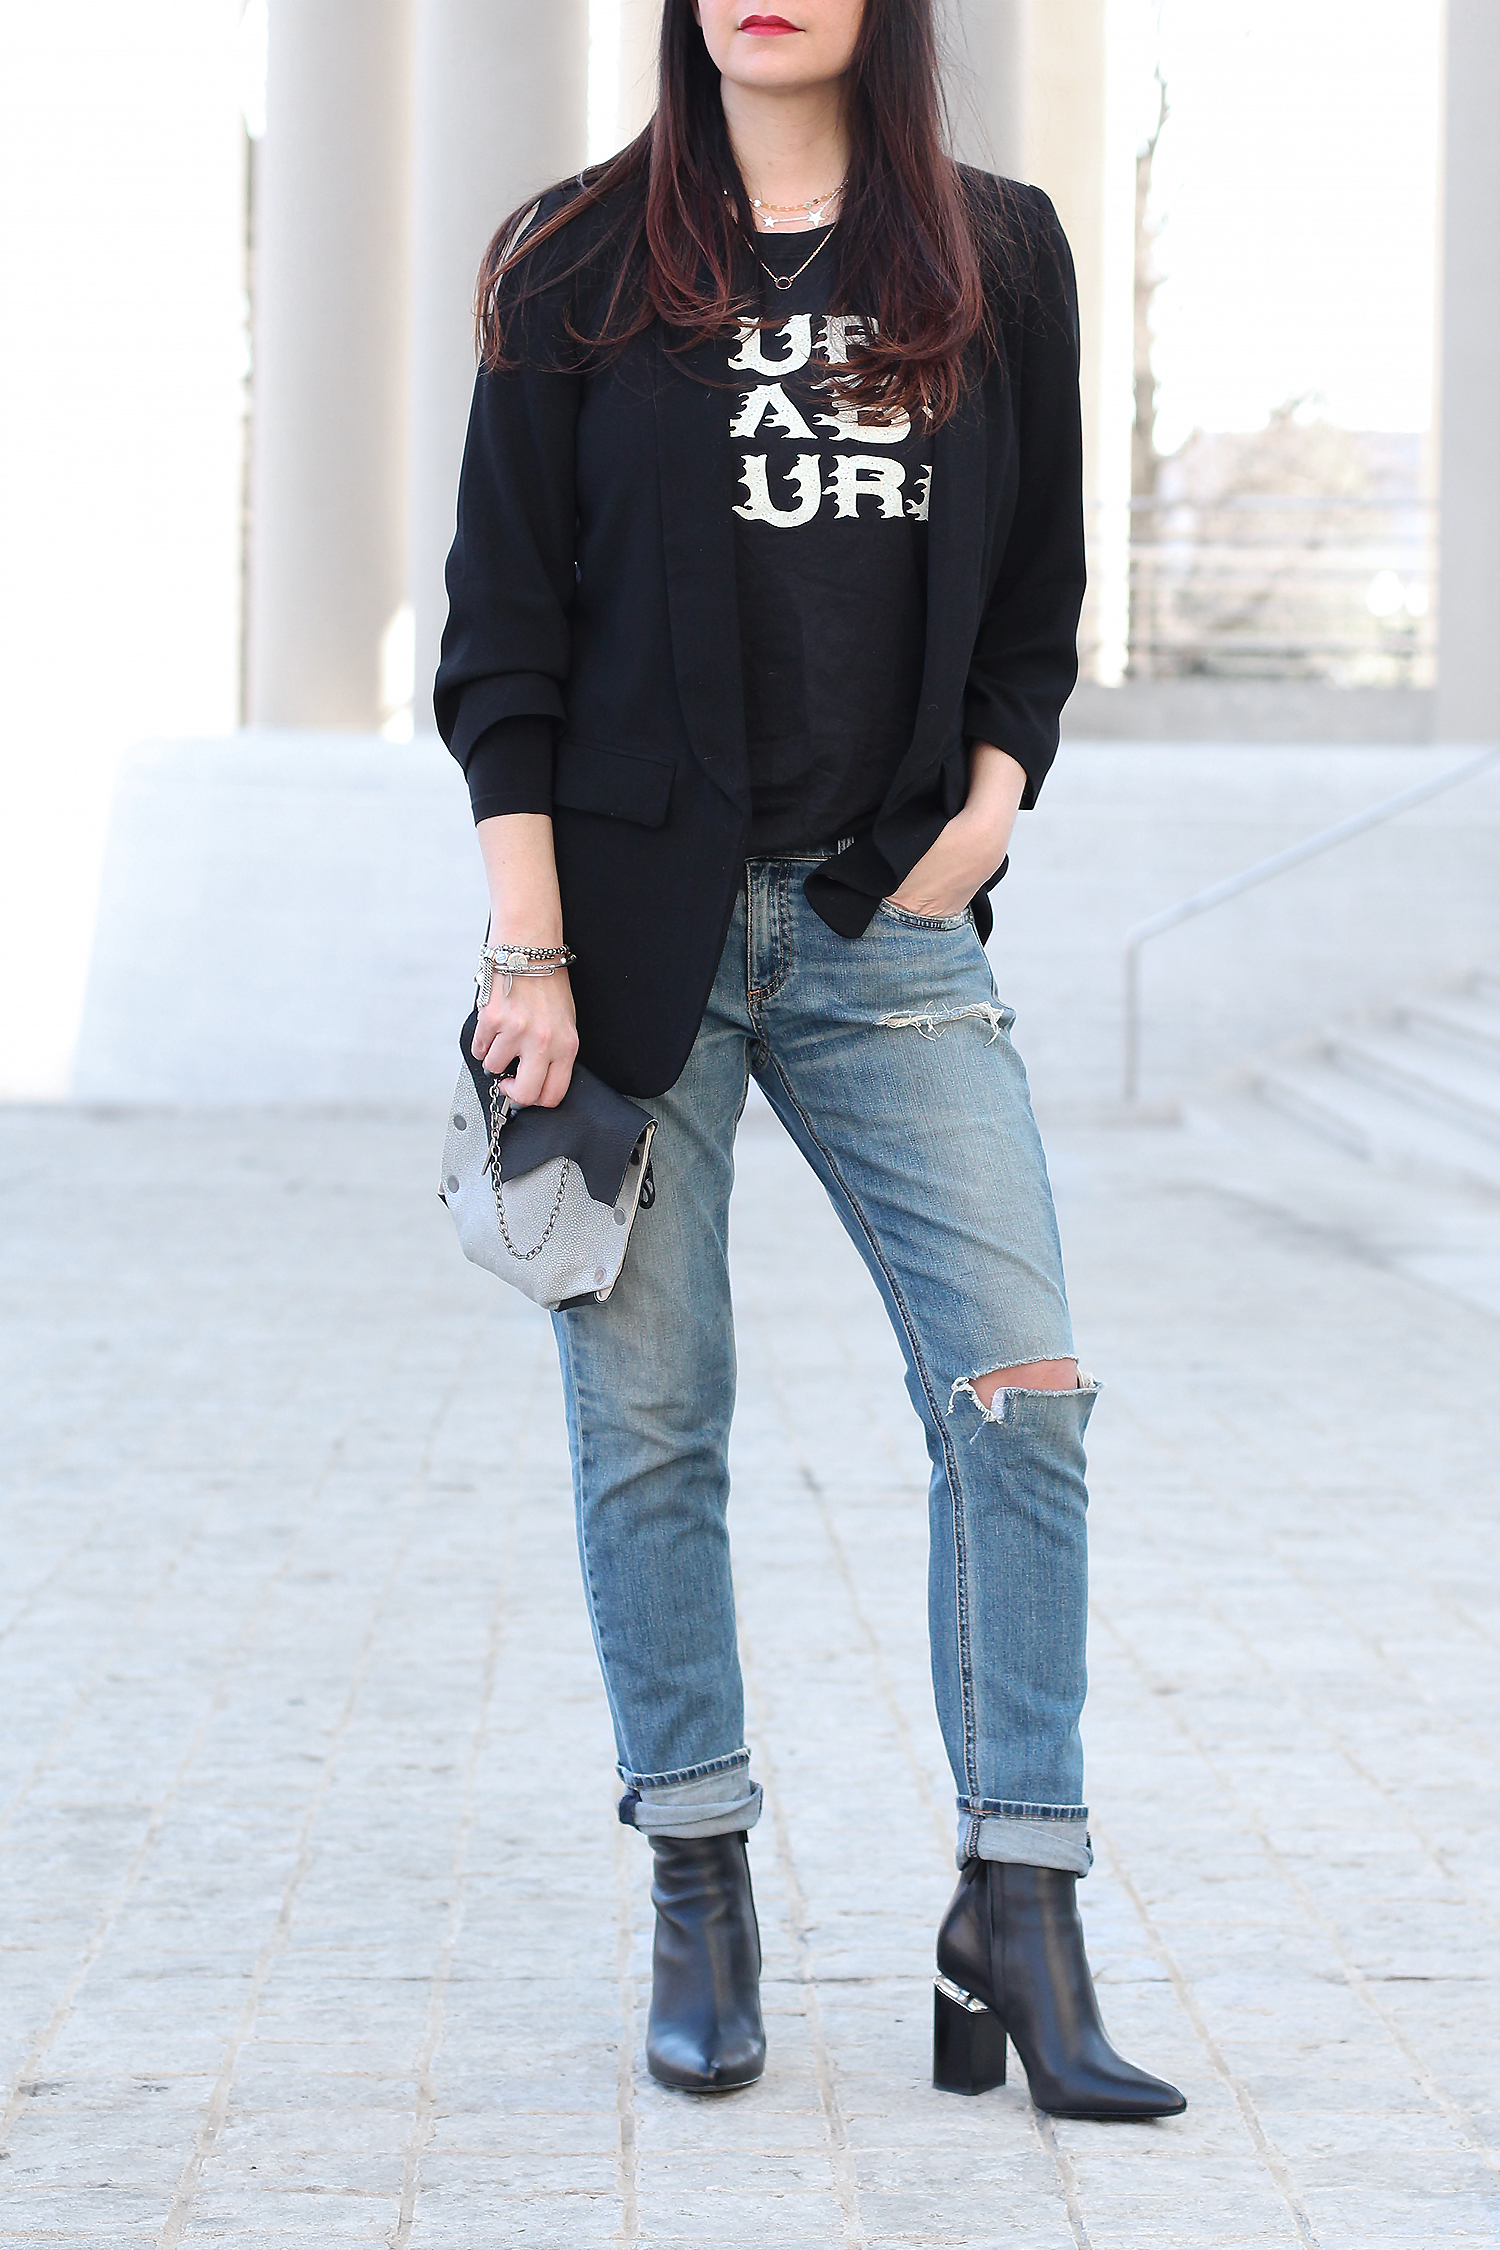 Alexander Wang Boots, Boyfriend Jeans